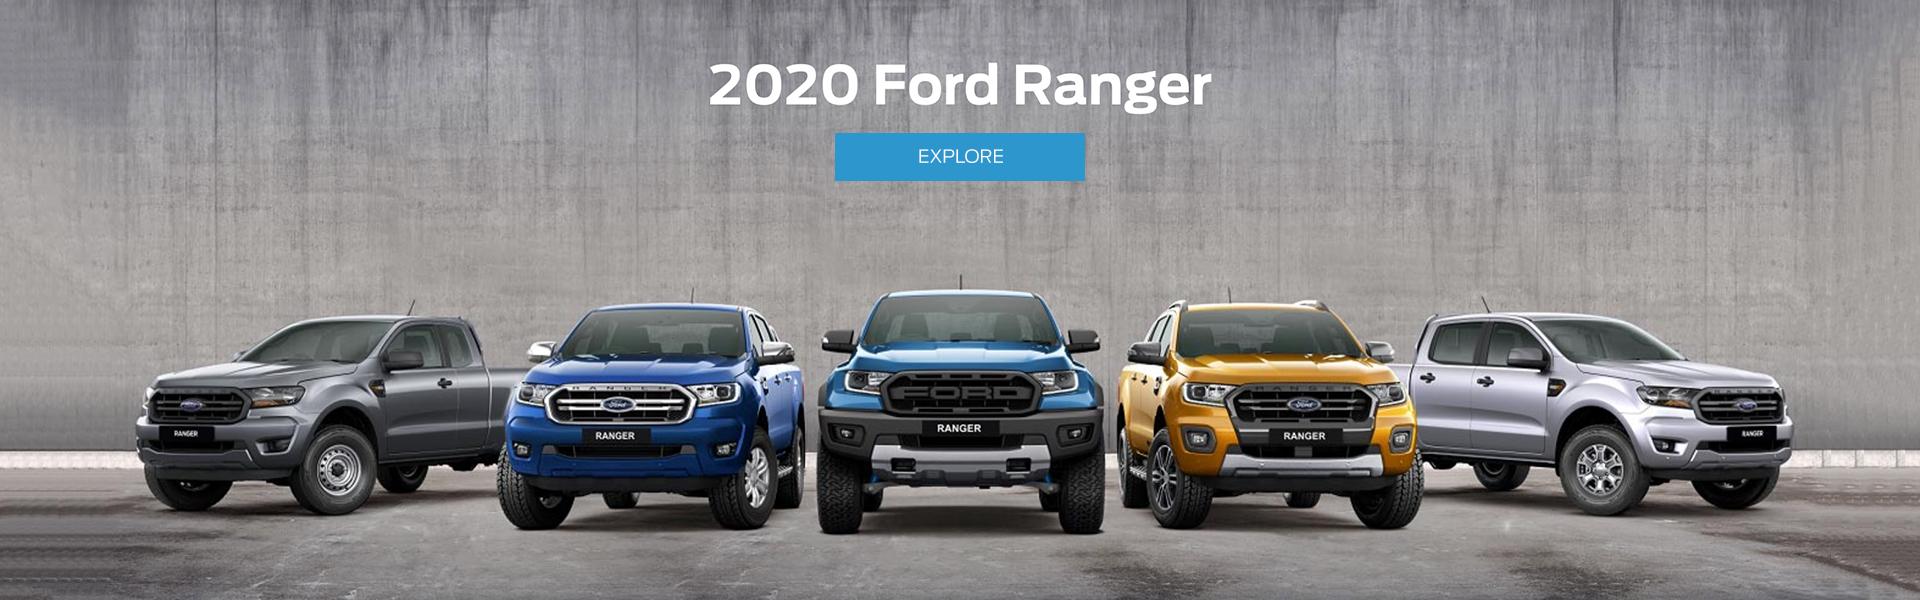 See the full range of Ford Ranger models at Alpine Ford